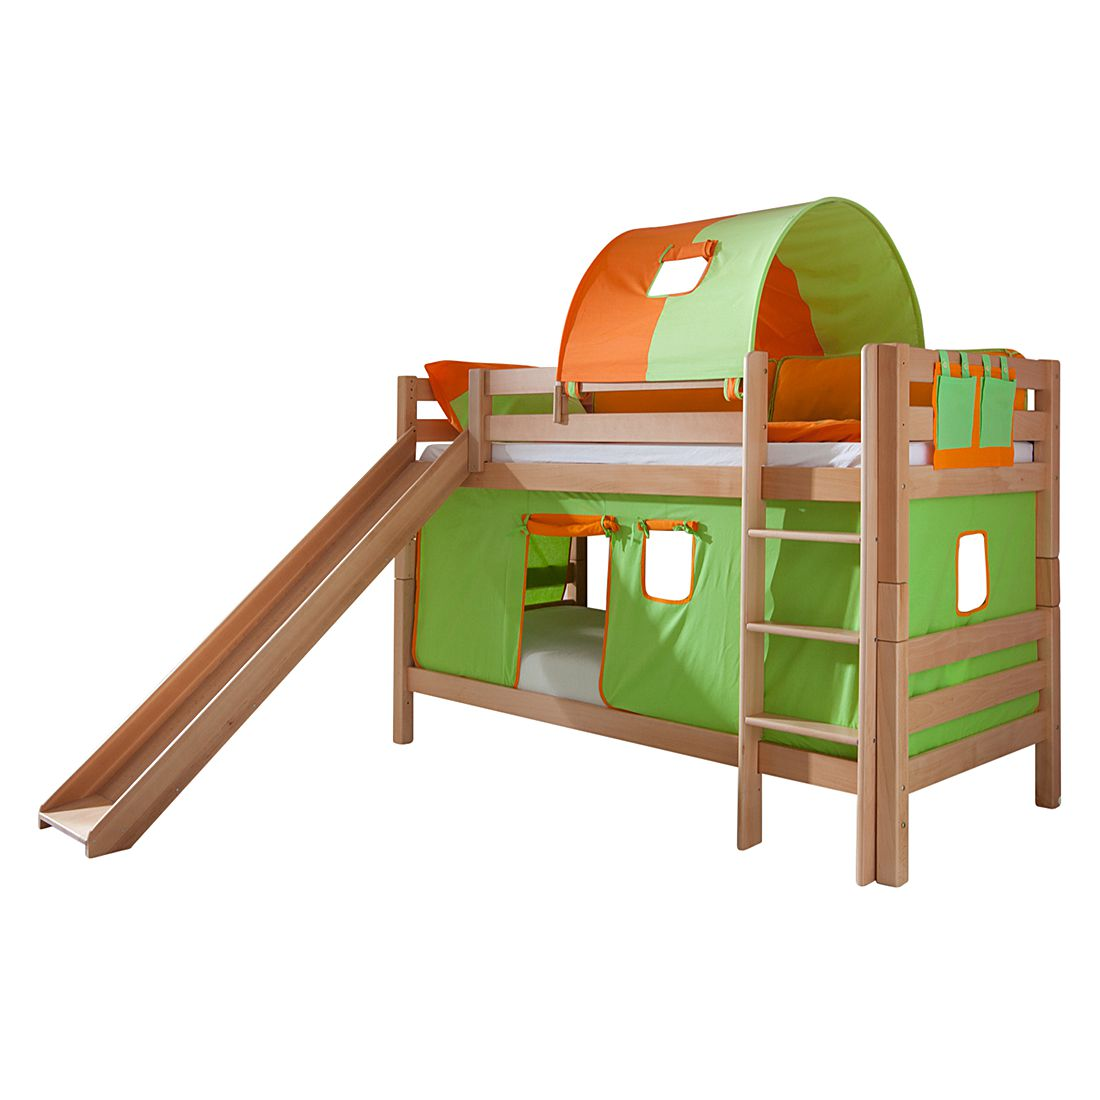 Spielbett Beni - Buche massiv - Natur lackiert/Textil Grün-Orange - mit Rutsche, Vorhang, Tunnel und Tasche, Relita